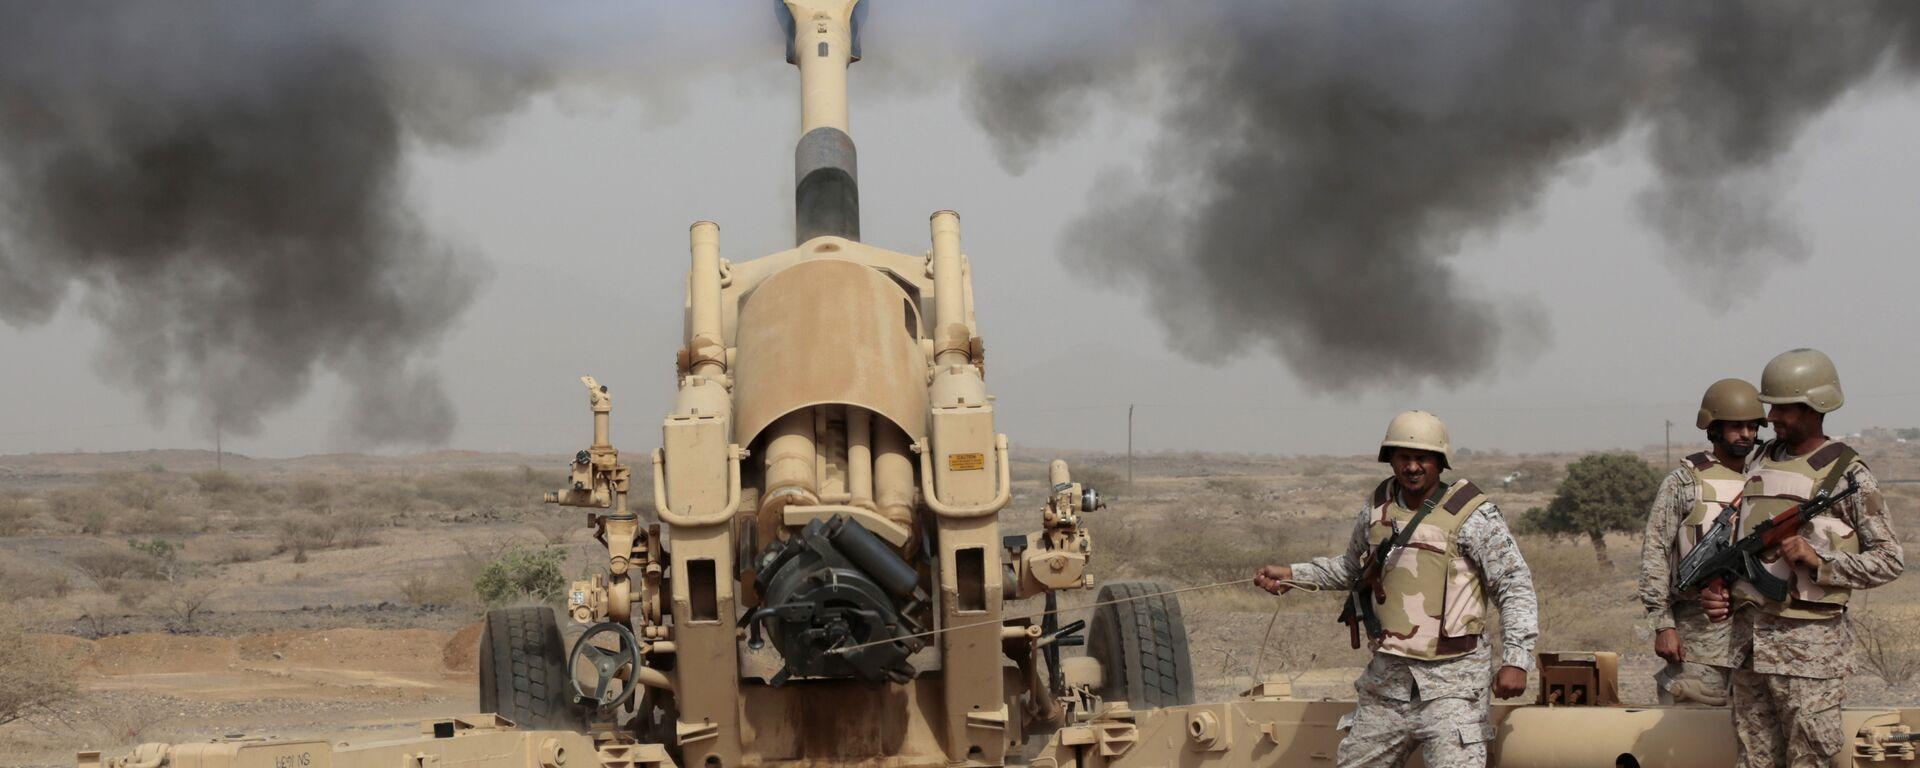 Artillería saudí durante operaciones de combate en la frontera con Yemen - Sputnik Mundo, 1920, 20.02.2021